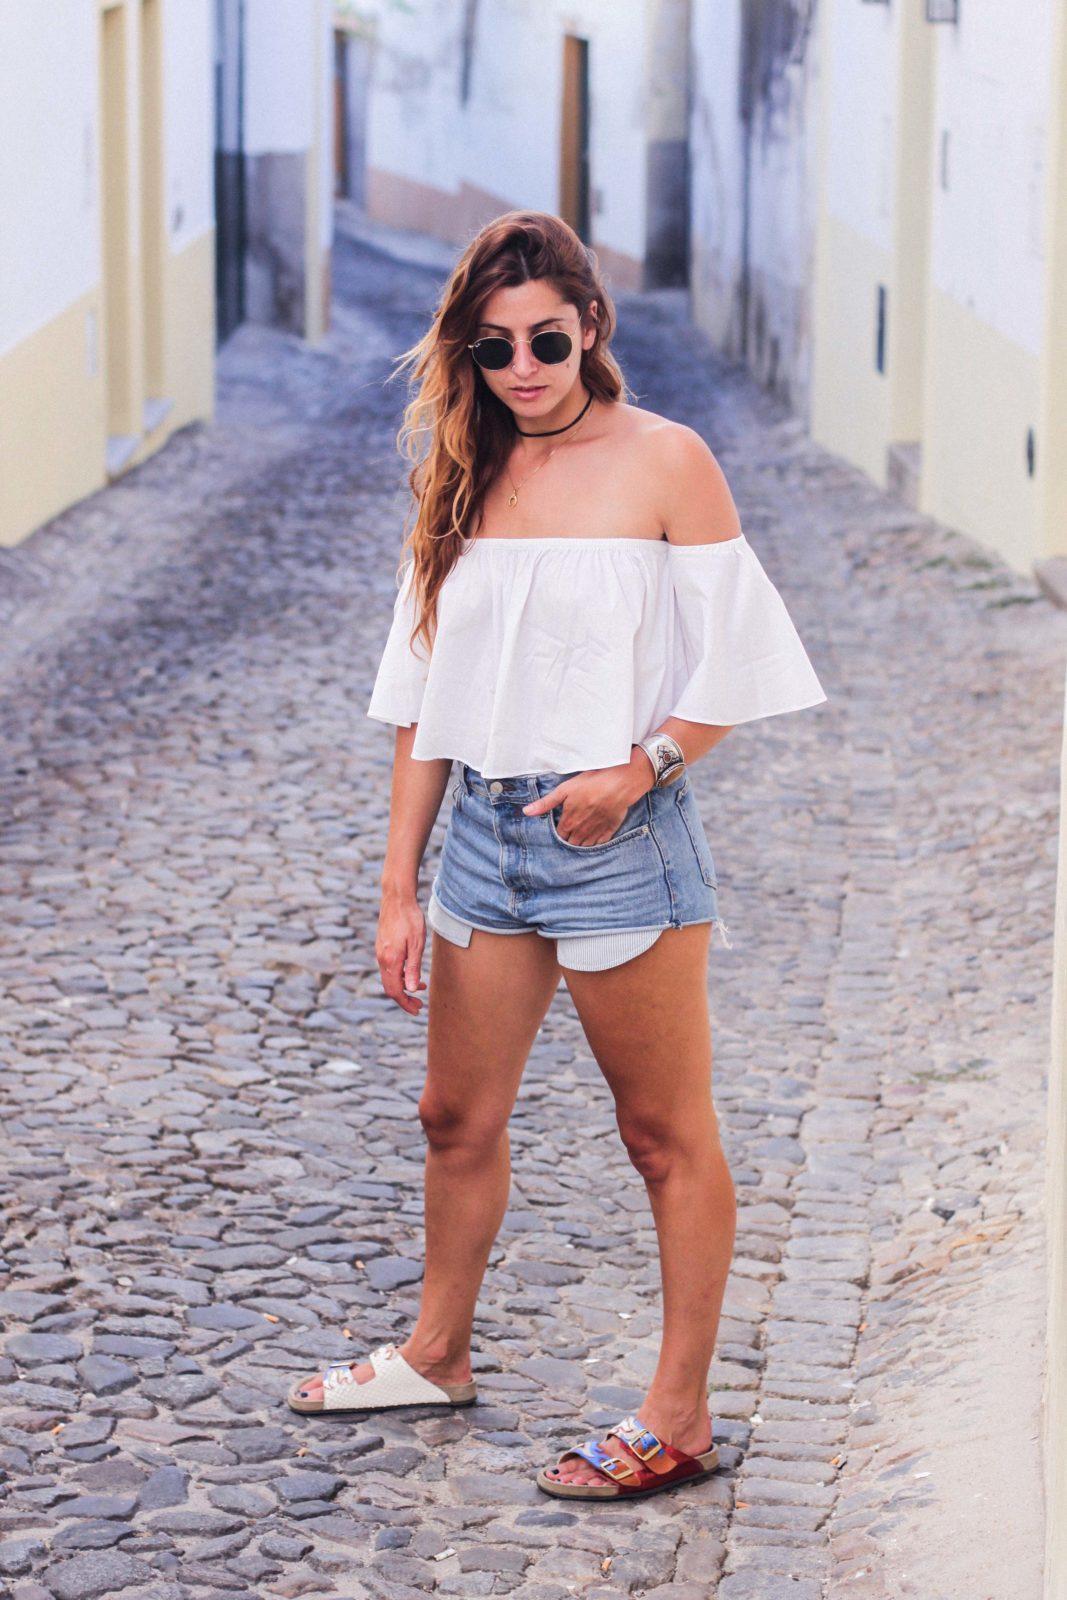 evora_portugal_shorts_top_hombros_al_aire_sandalias_isabel_marant-21